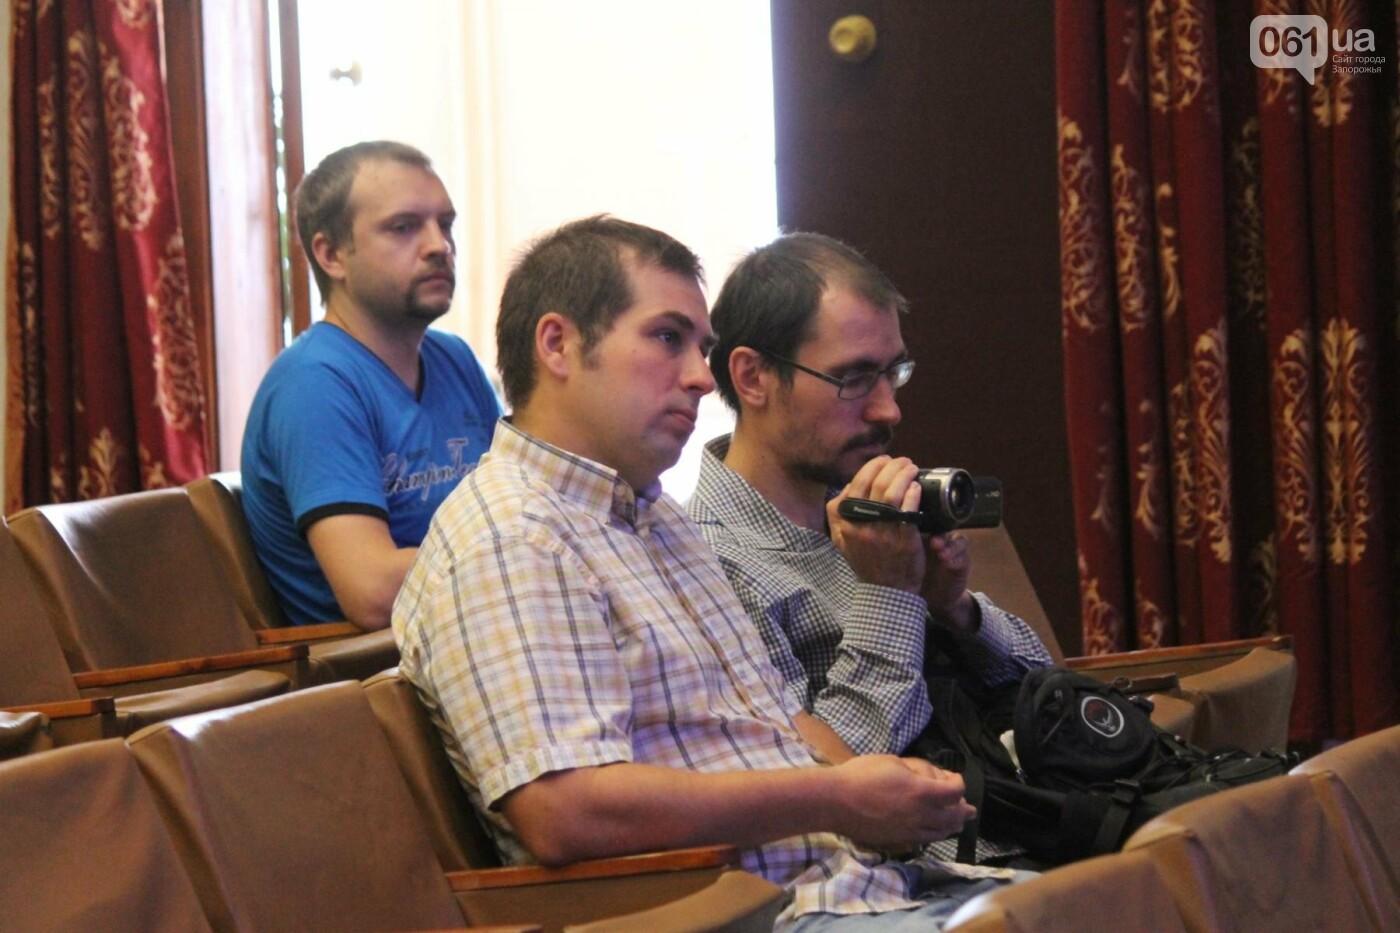 В Запорожье провалили общественные слушания по озеленению города: не пришли даже инициаторы, – ФОТОРЕПОРТАЖ, фото-14